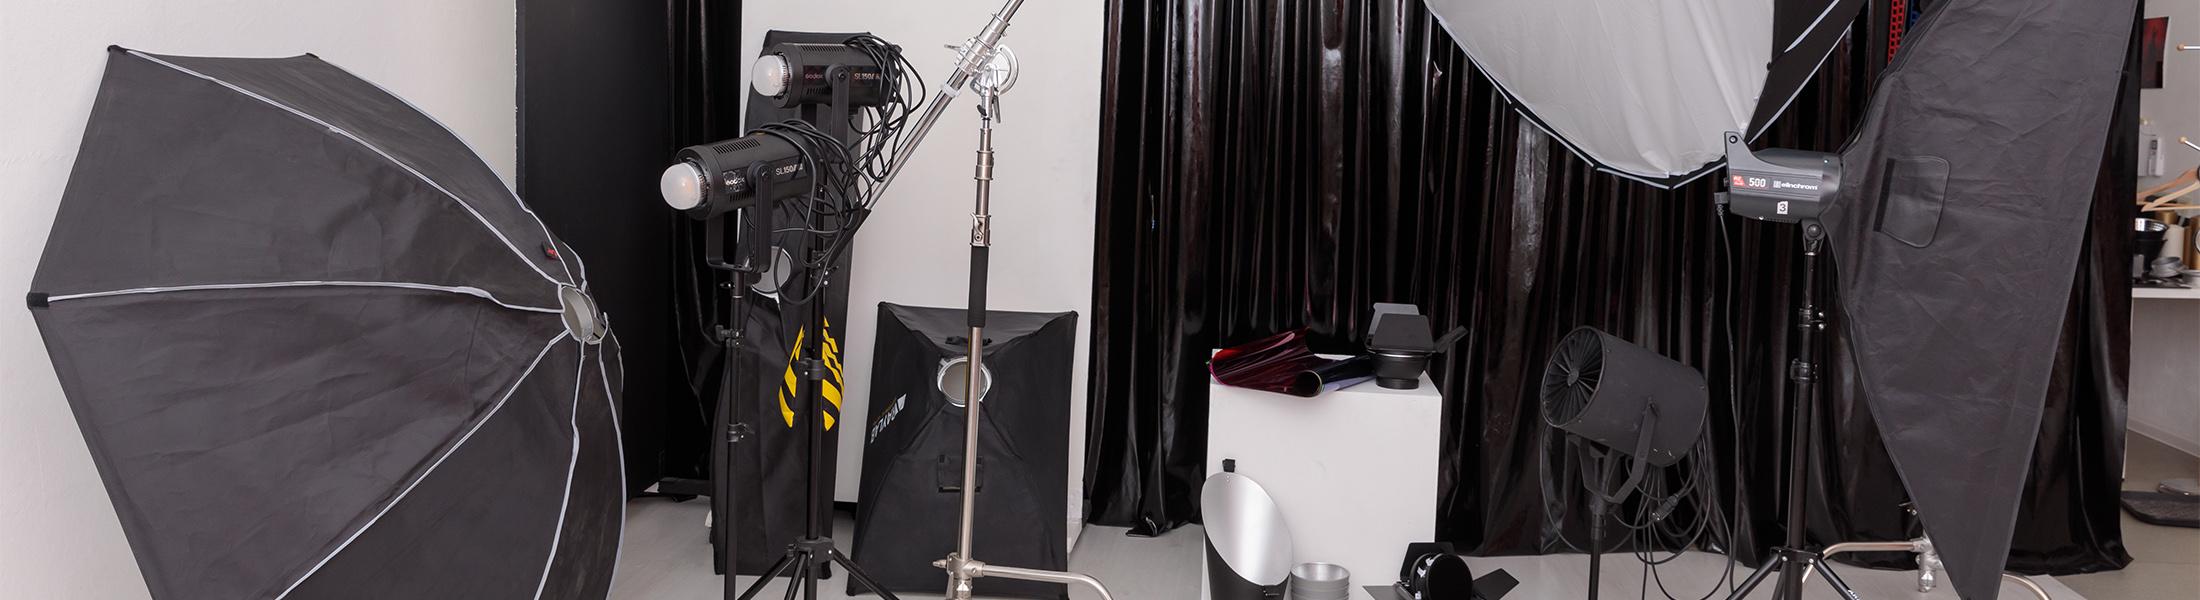 Оборудование фотостудии Жуковский, Лыткарино, Москва, Люберцы, Егорьевск, Раменское, Кашира, Ногинск, Московская область